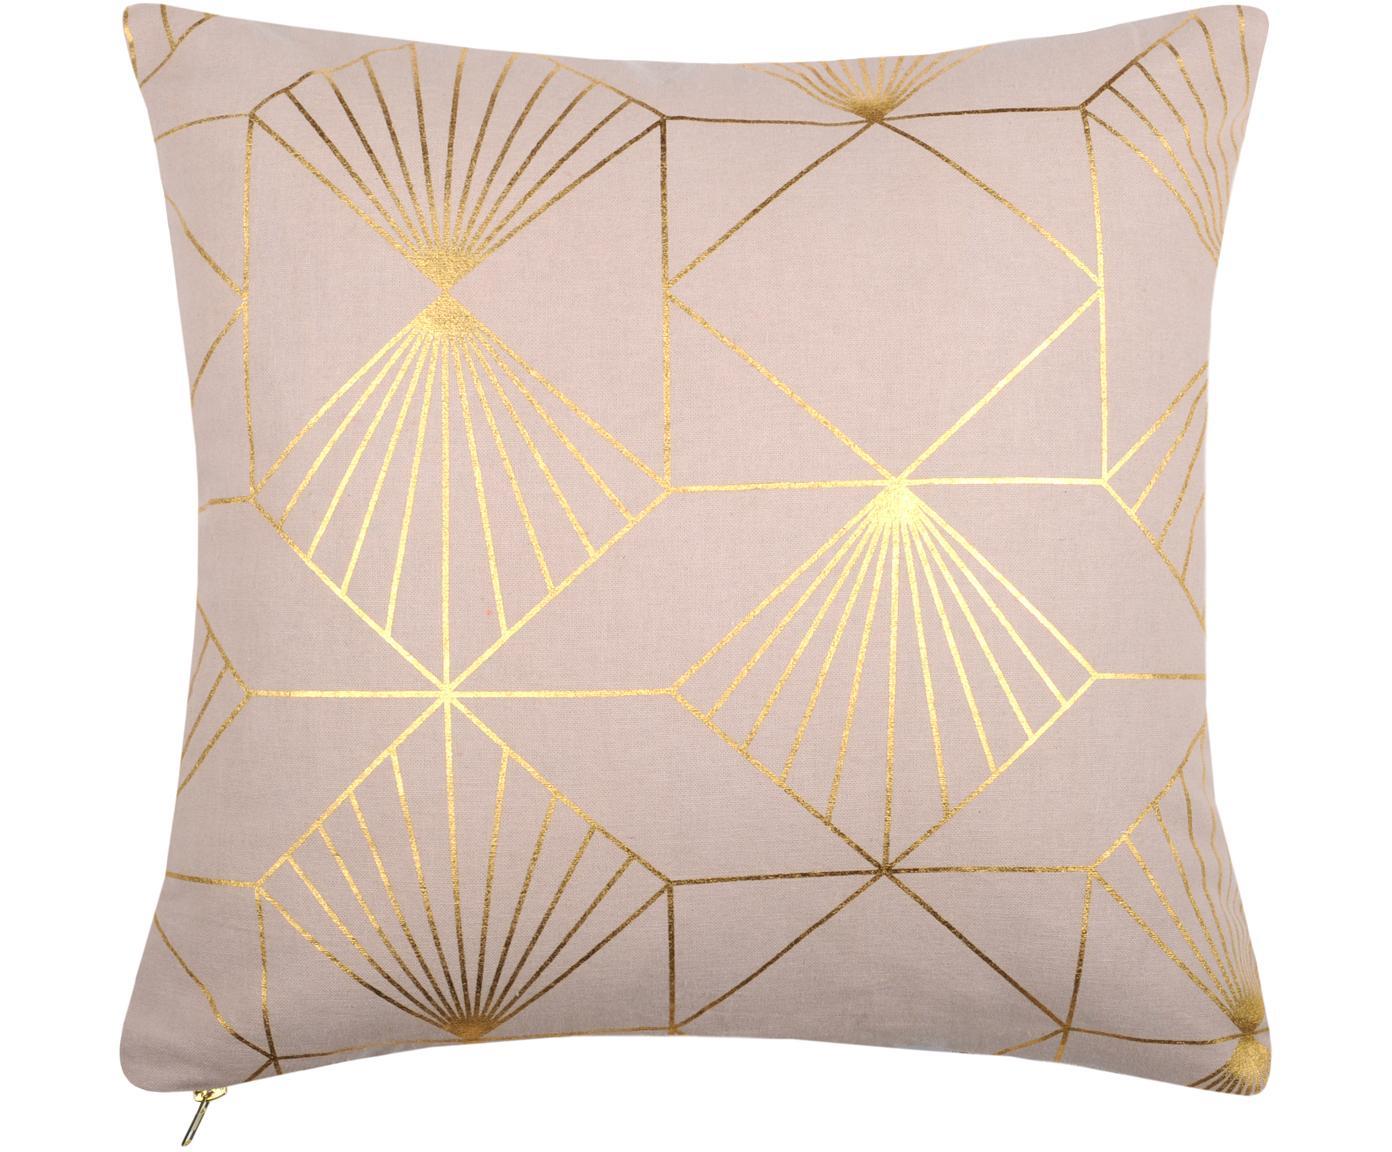 Cuscino con imbottitura e motivo dorato Scandi, Rivestimento: cotone, Rosa cipra, dorato, Larg. 40 x Lung. 40 cm